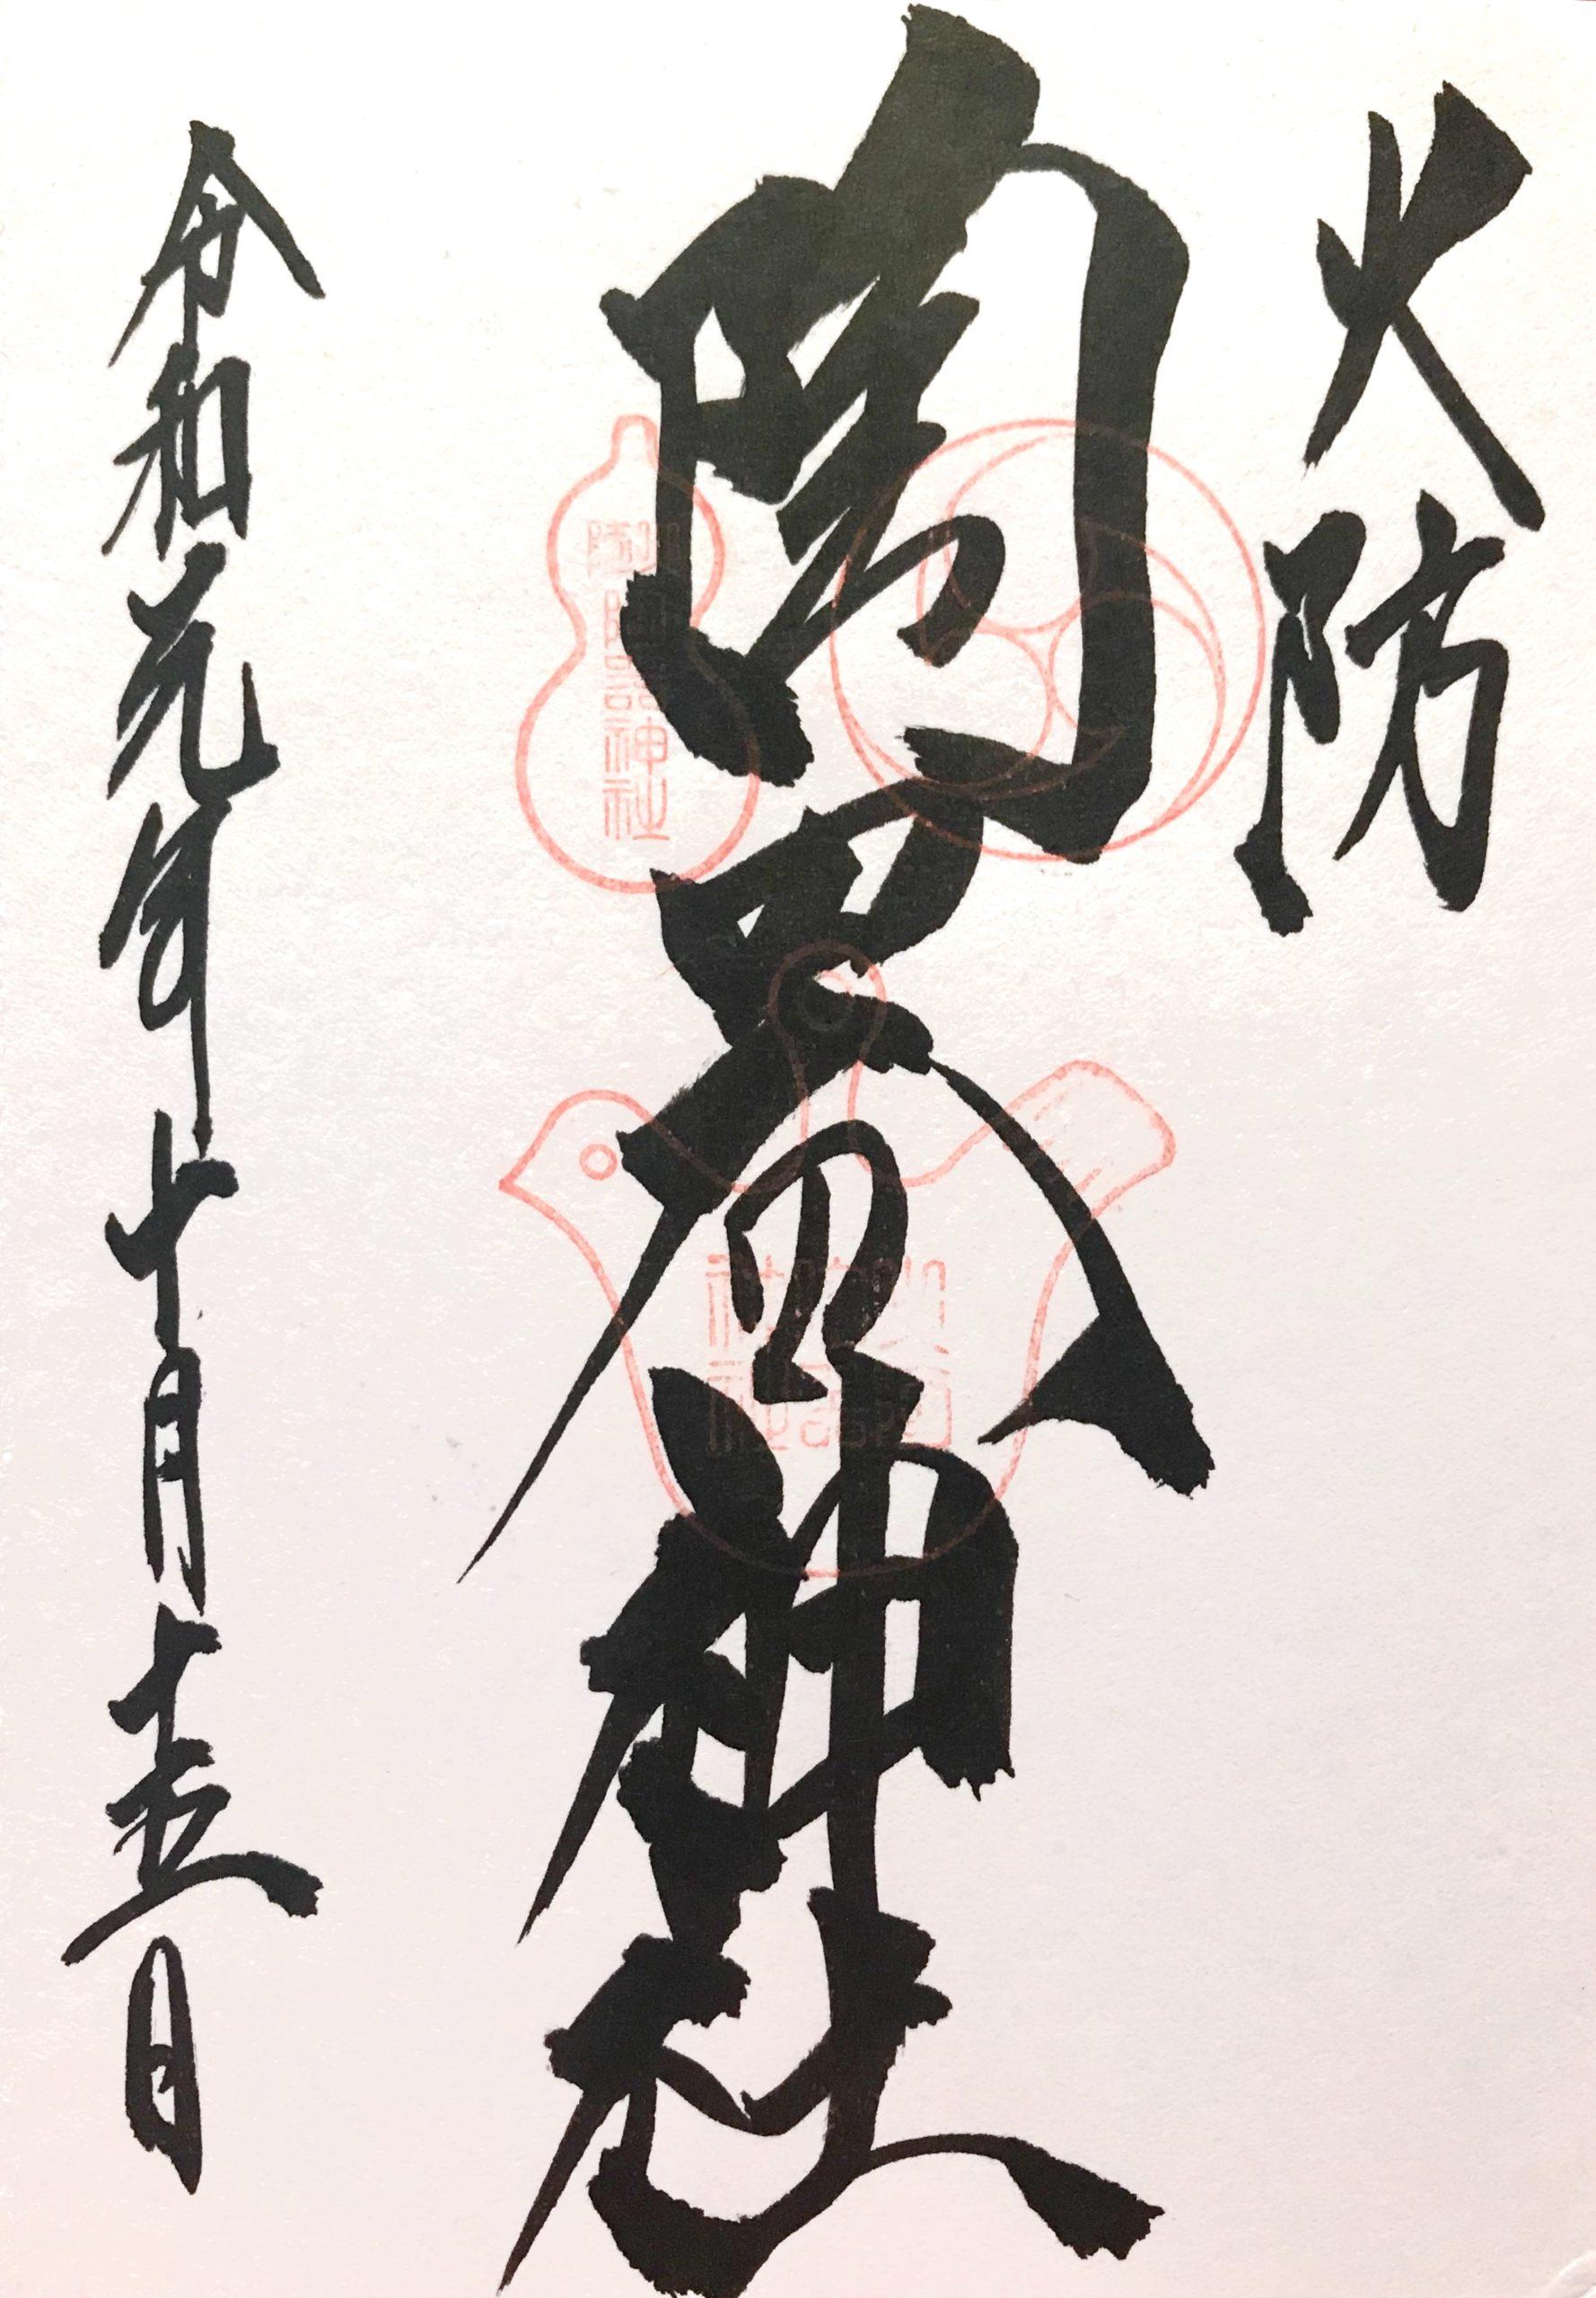 坐摩神社・陶器神社の御朱印